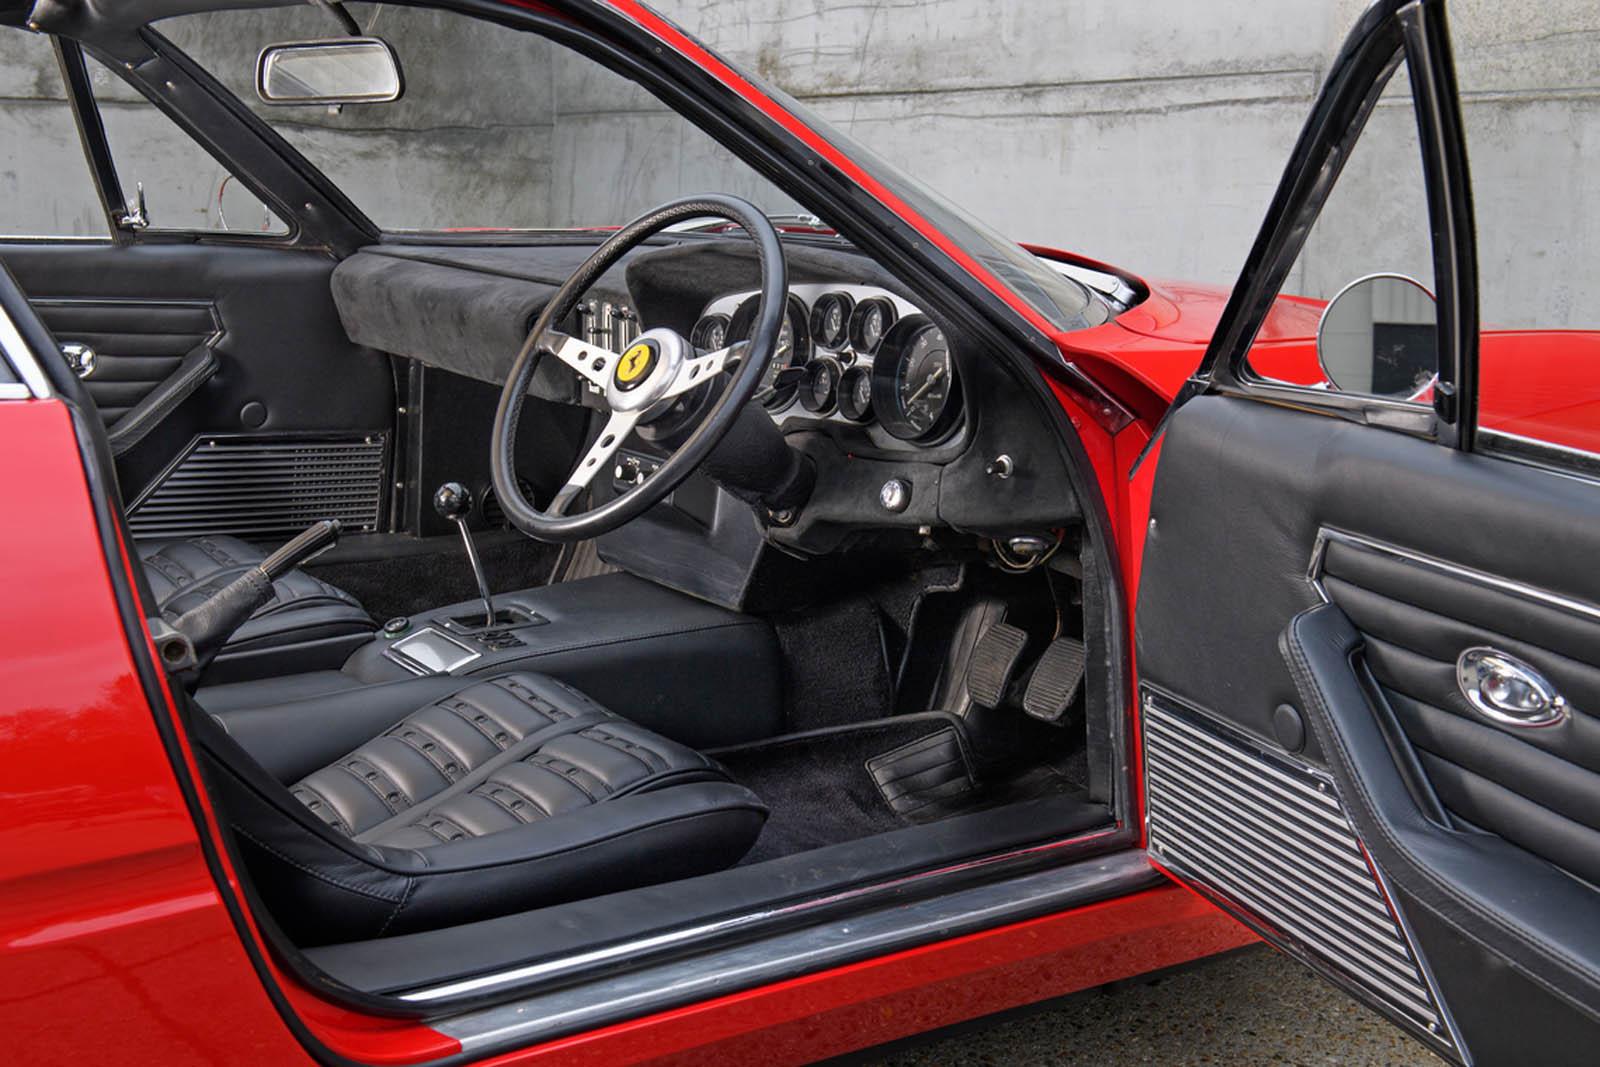 Ferrari-365-GTB4-Daytona-ex-Elton-John-10